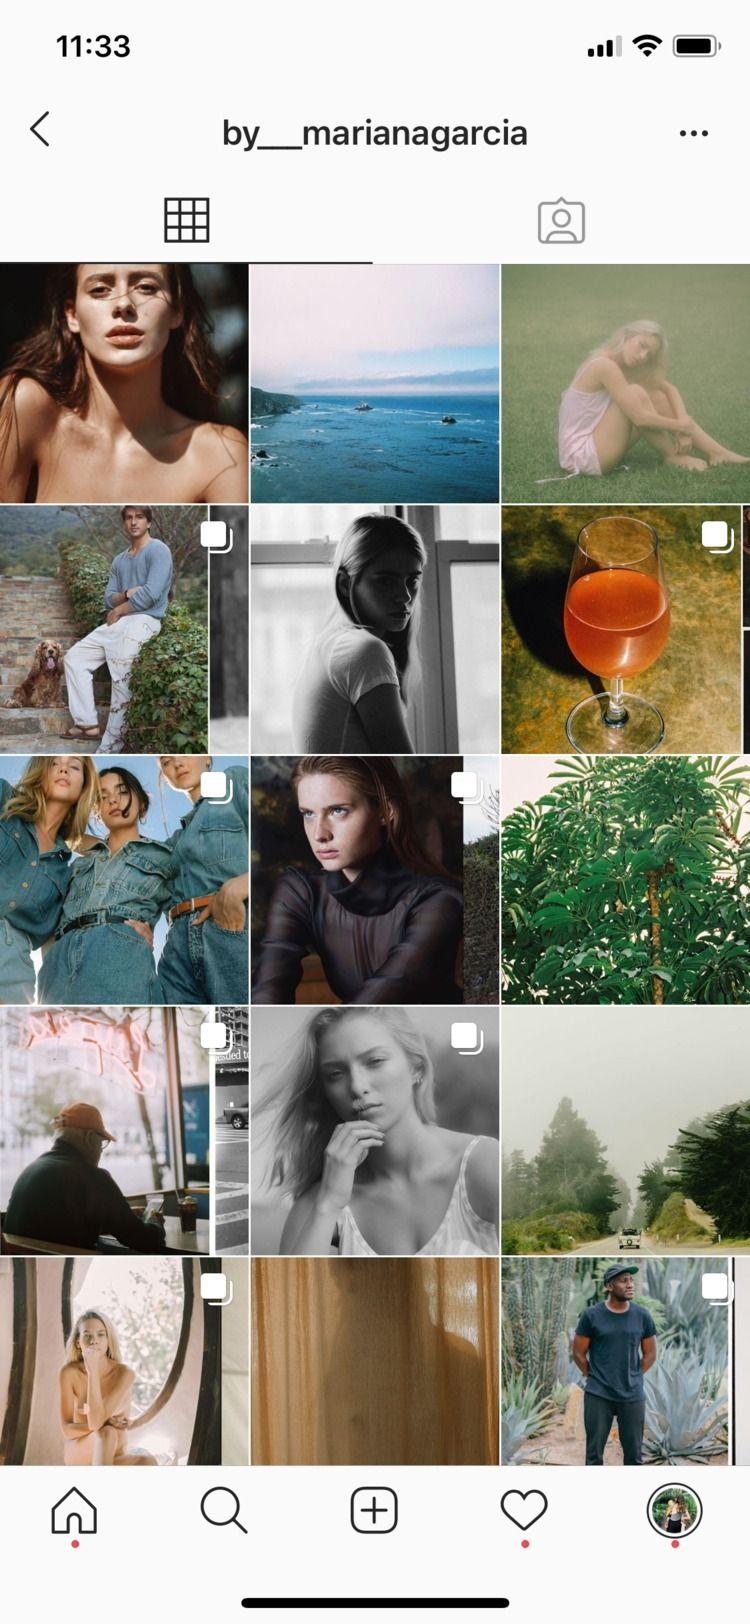 Instagram WORK account - sheismariana | ello